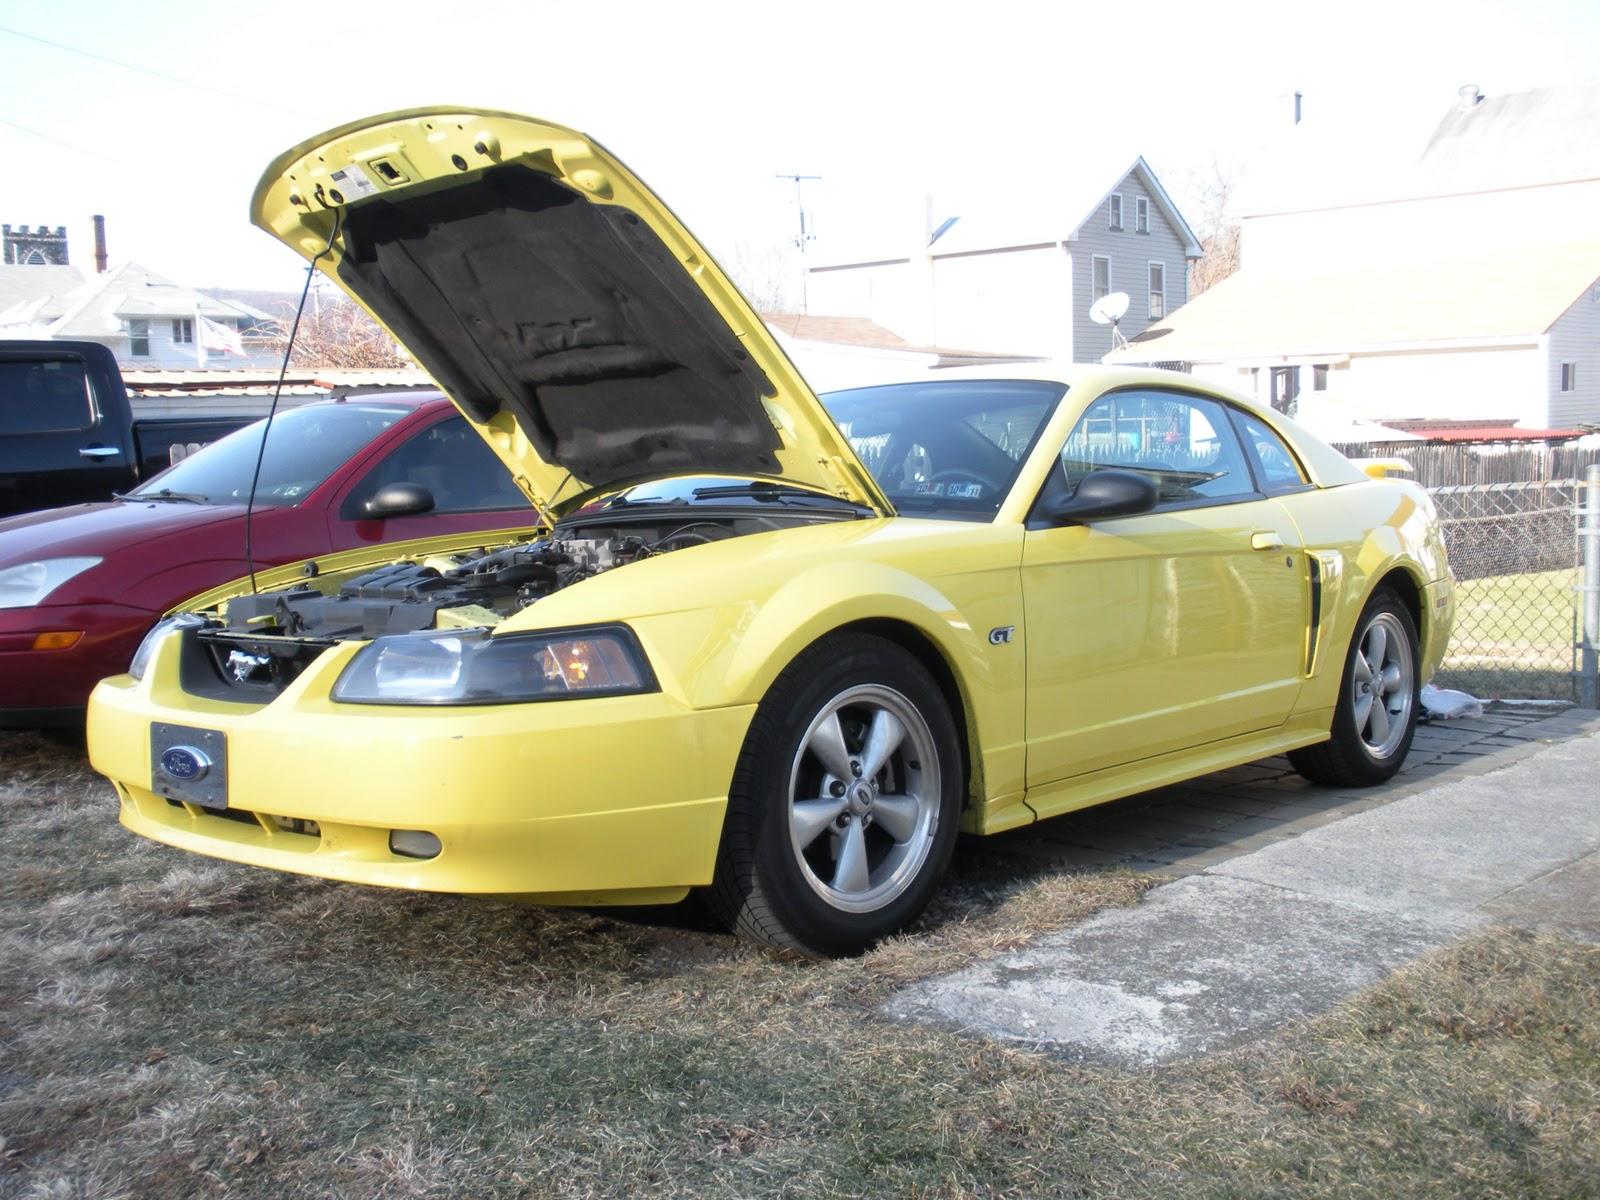 Bryan S Mustang